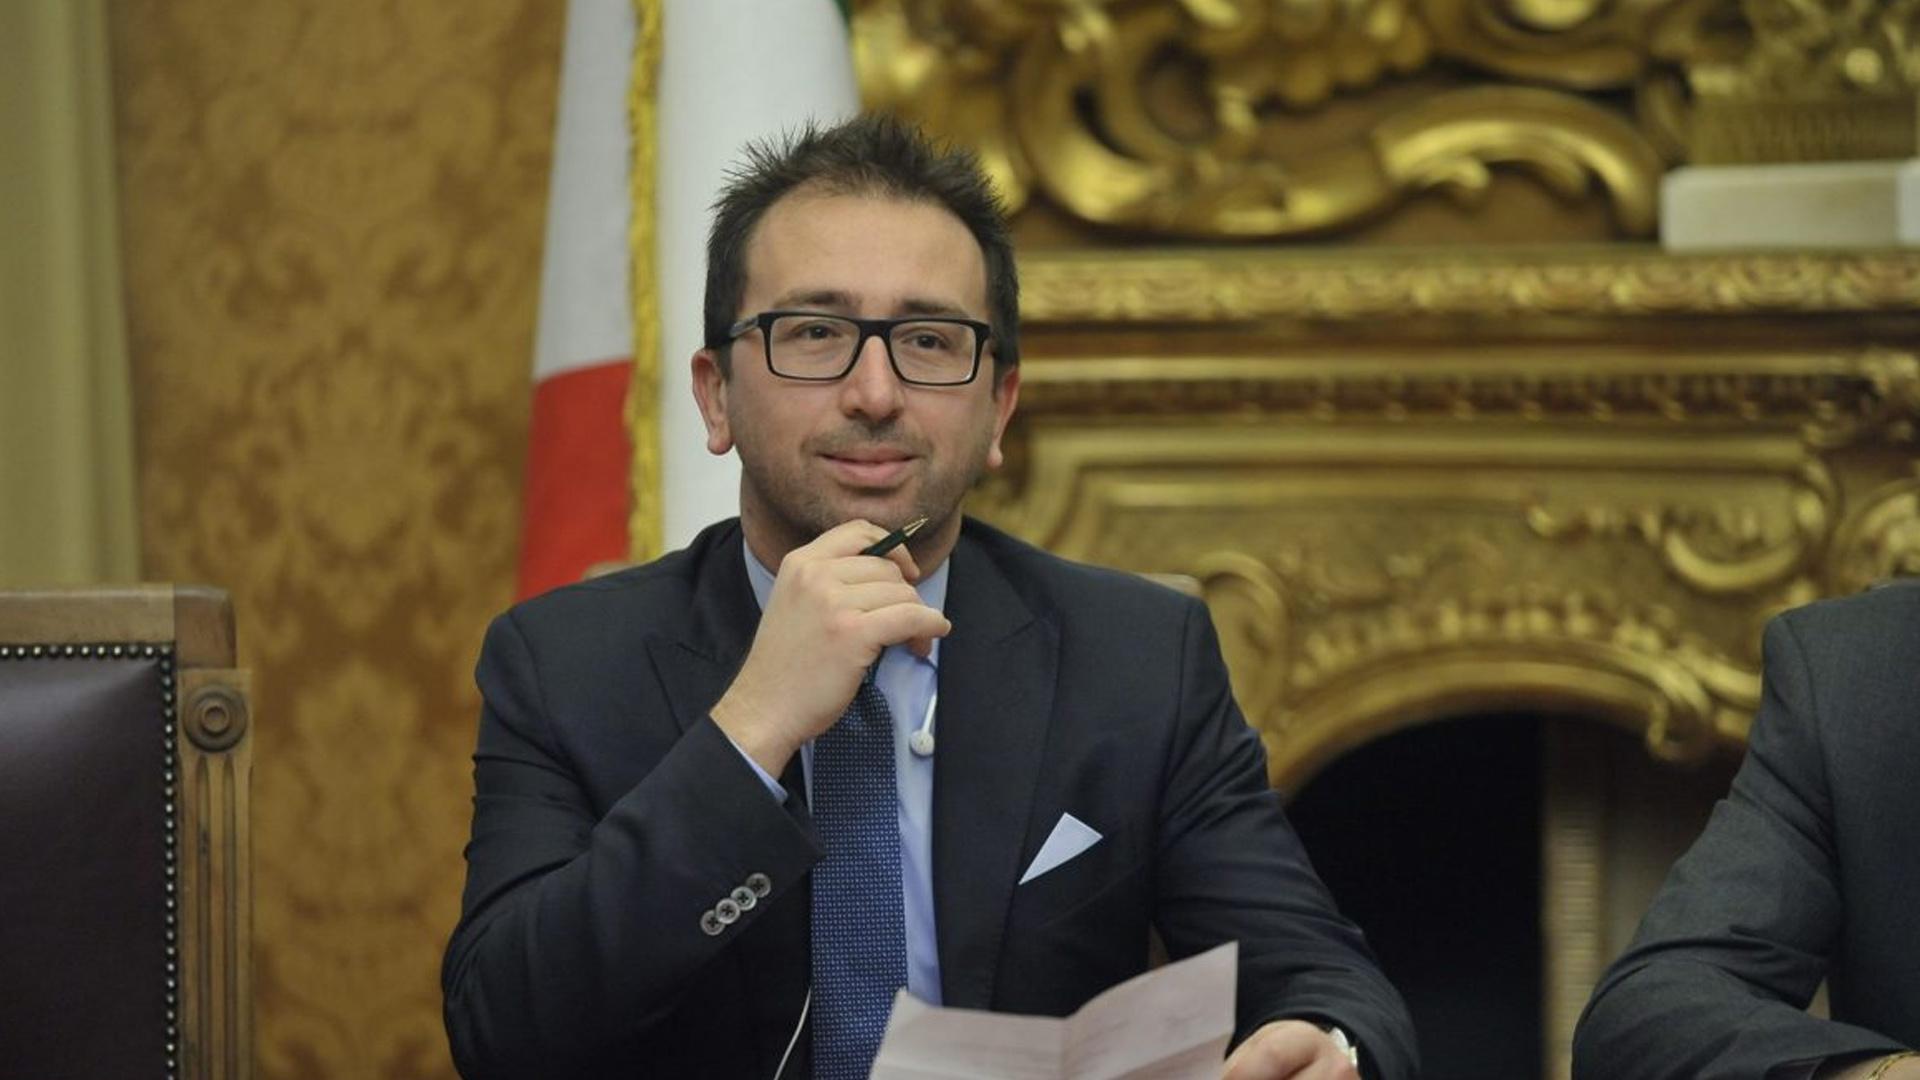 Alfonso Bonafede - Membro della II Commissione (Giustizia) dal 21 giugno 2018.